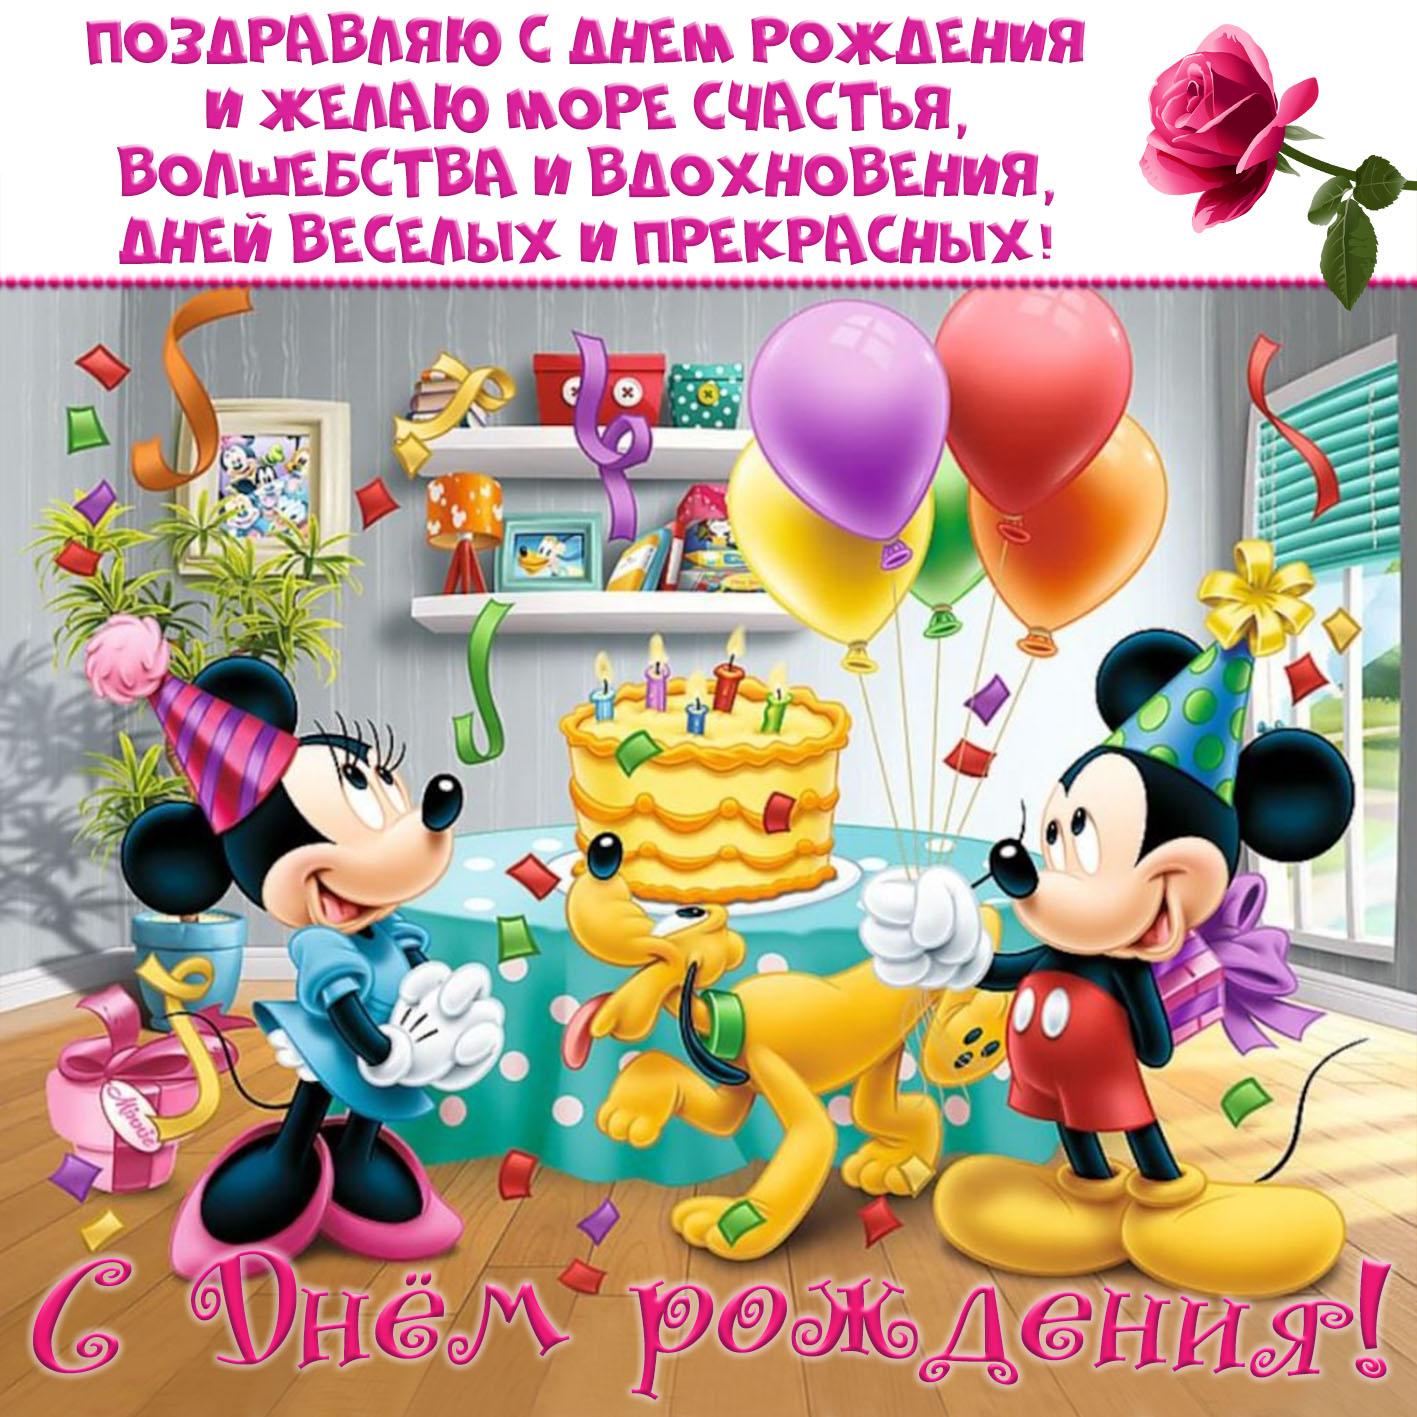 Открытка детям - герои мультфильмов поздравляют с Днём рождения